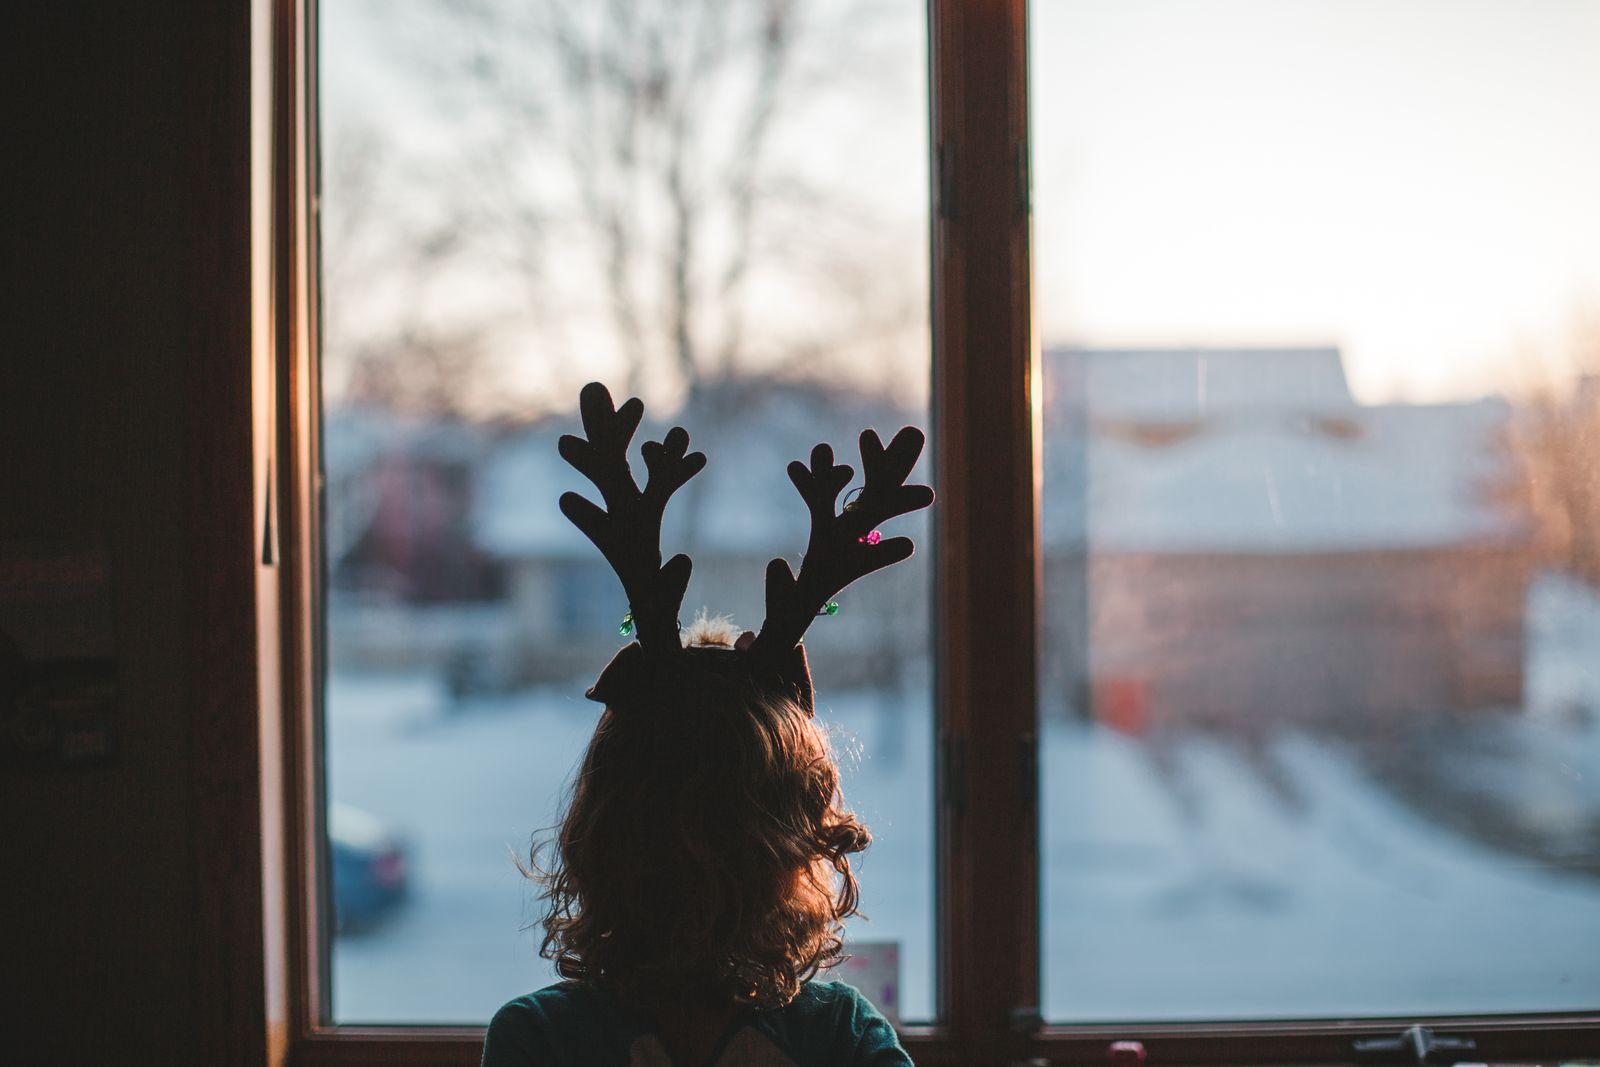 Girl with reindeer antlers window